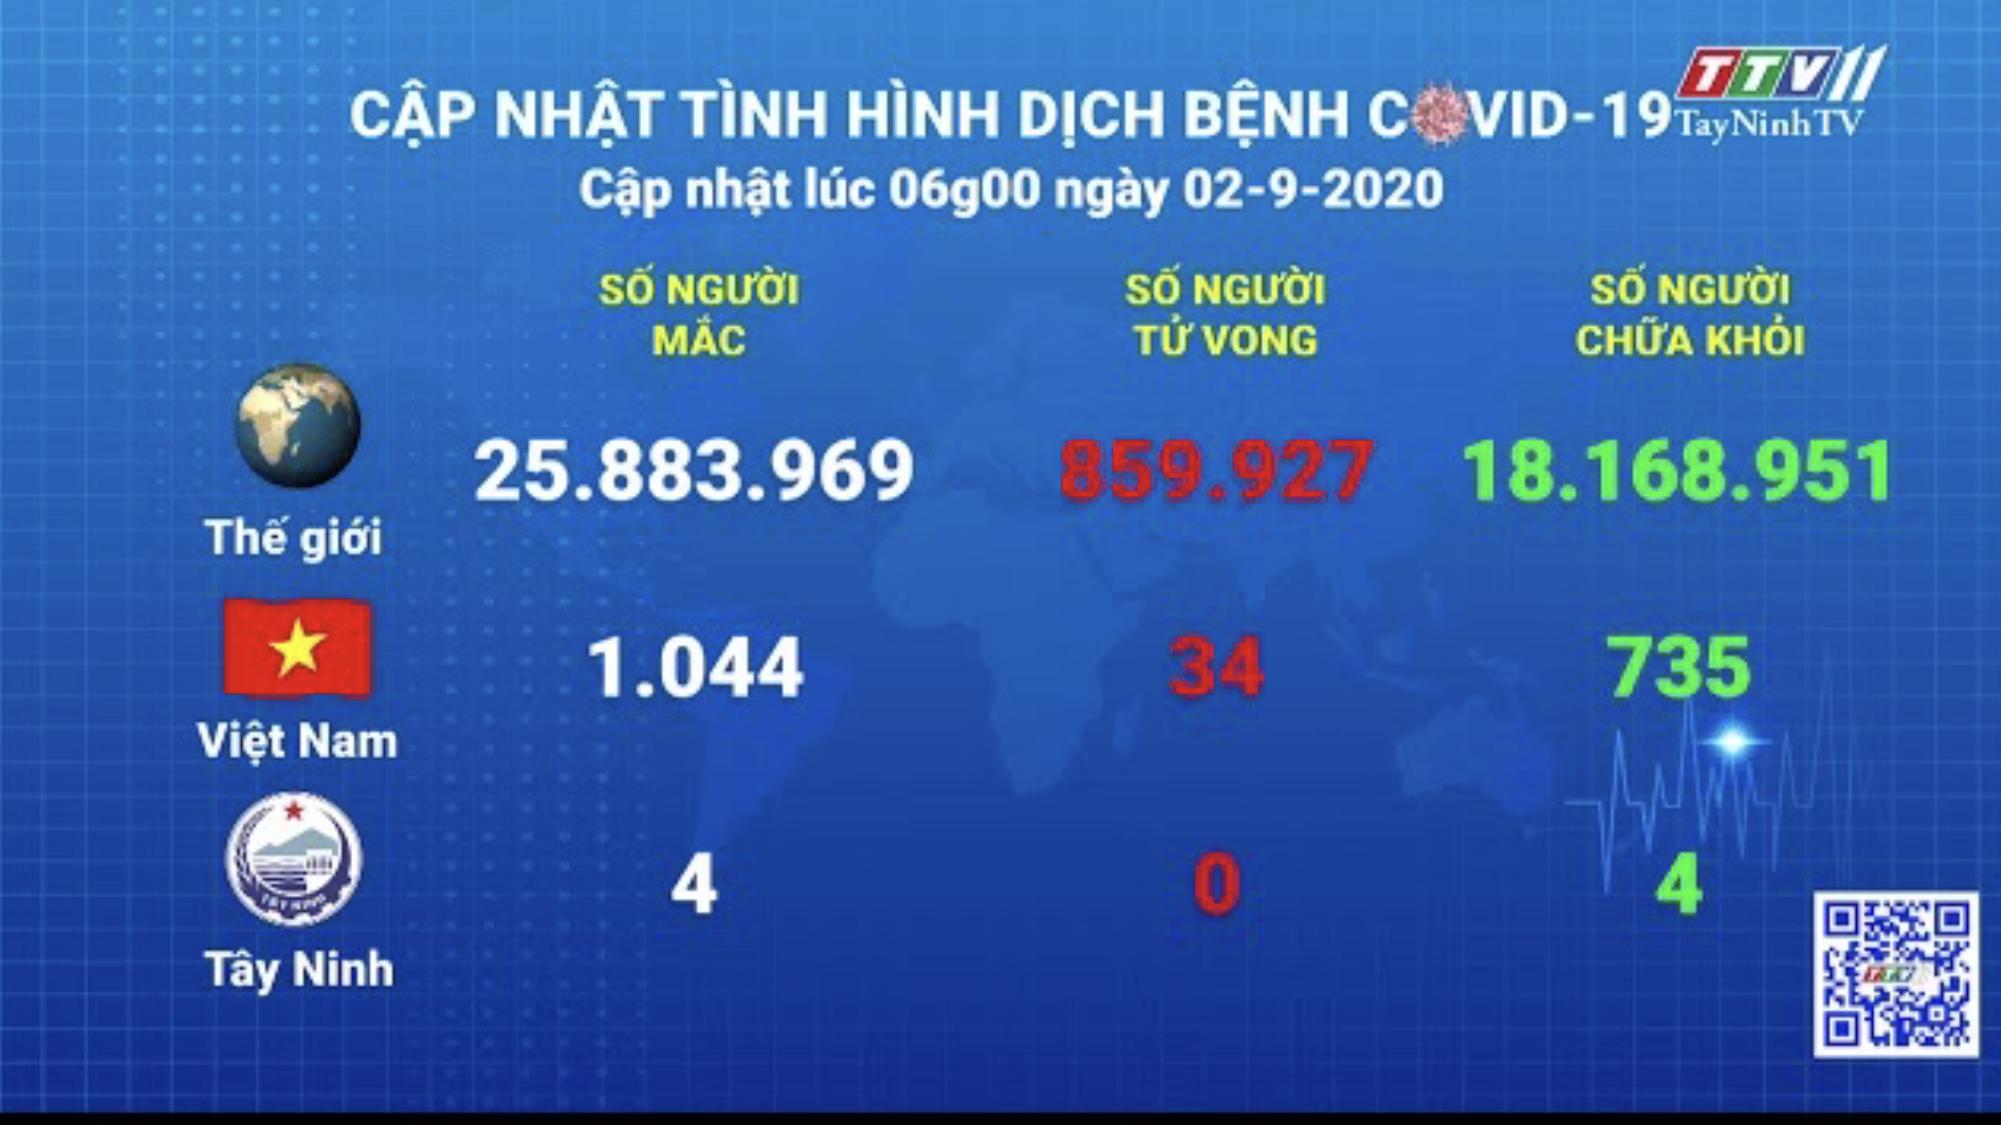 Cập nhật tình hình Covid-19 vào lúc 06 giờ 02-9-2020 | Thông tin dịch Covid-19 | TayNinhTV